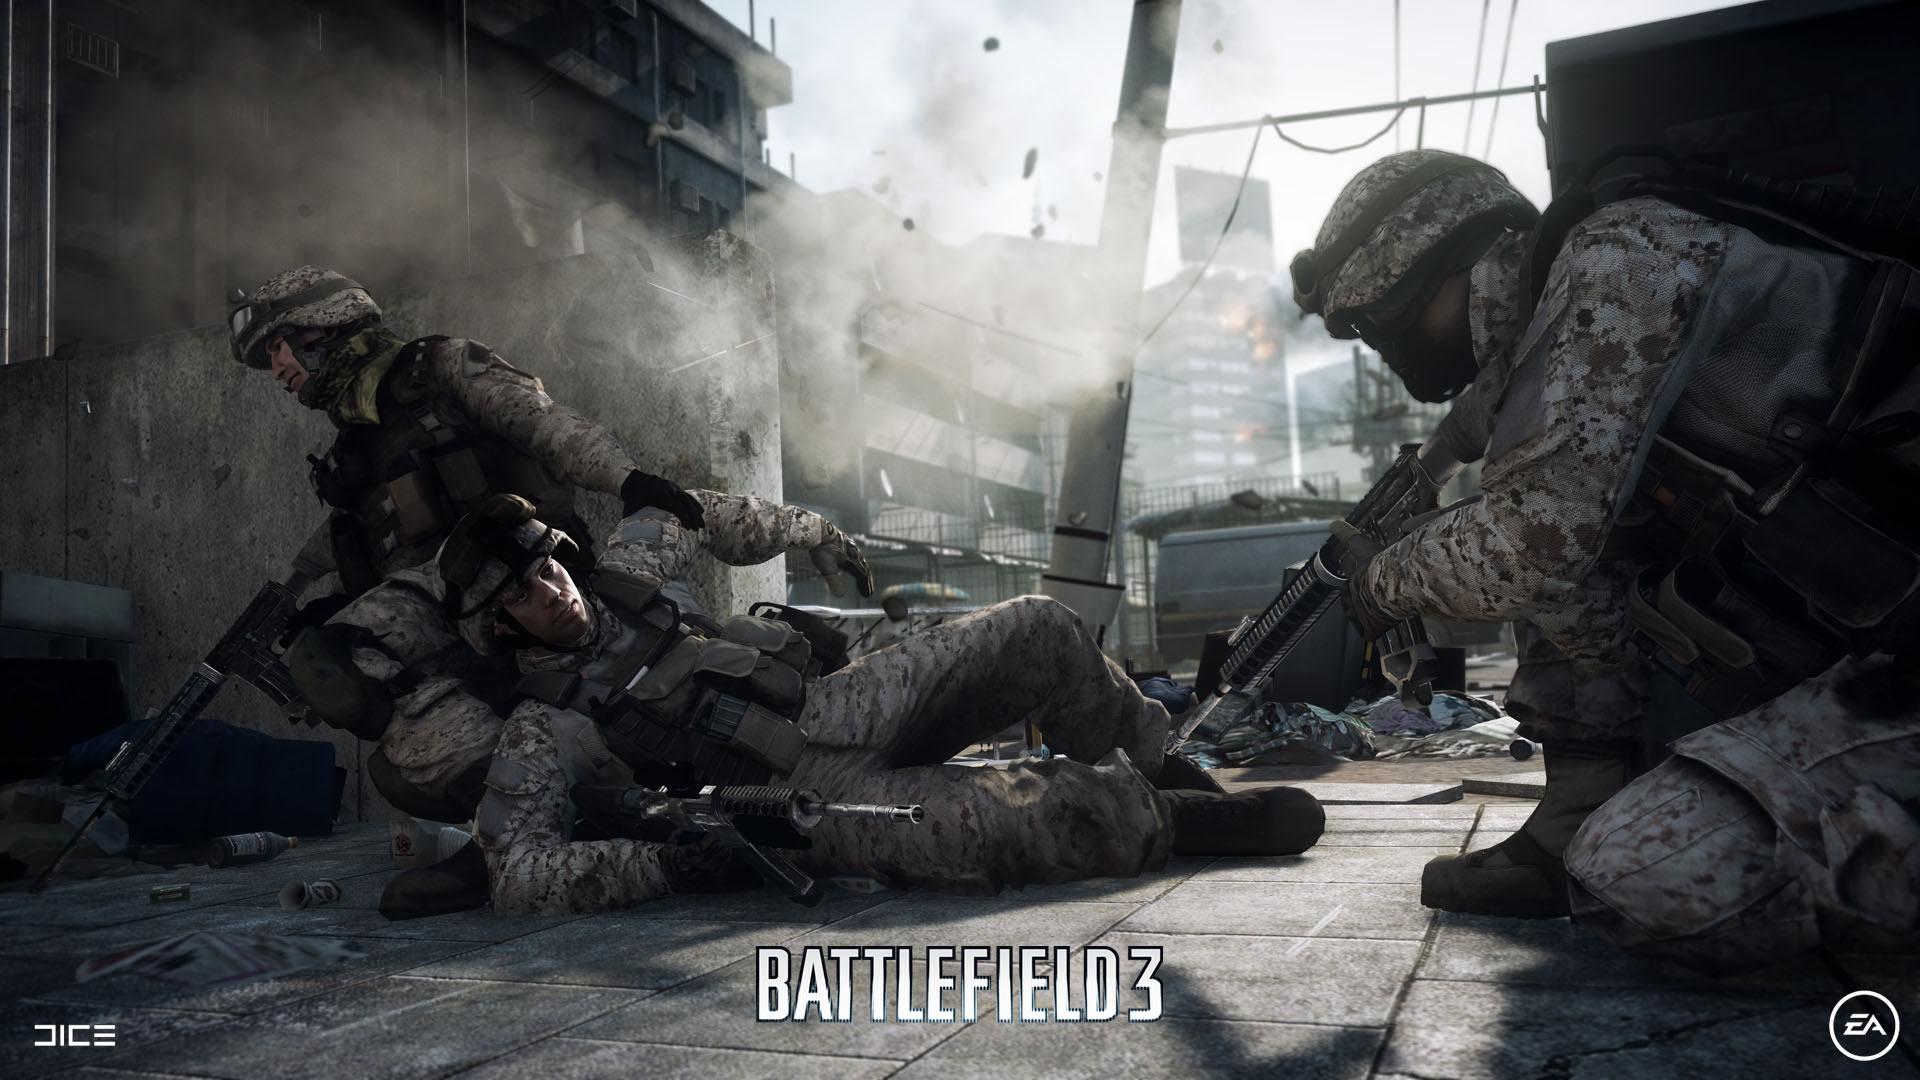 Battlefield 3 Wallpaper 1080p 9556 Wallpaper Game Wallpapers HD 1920x1080